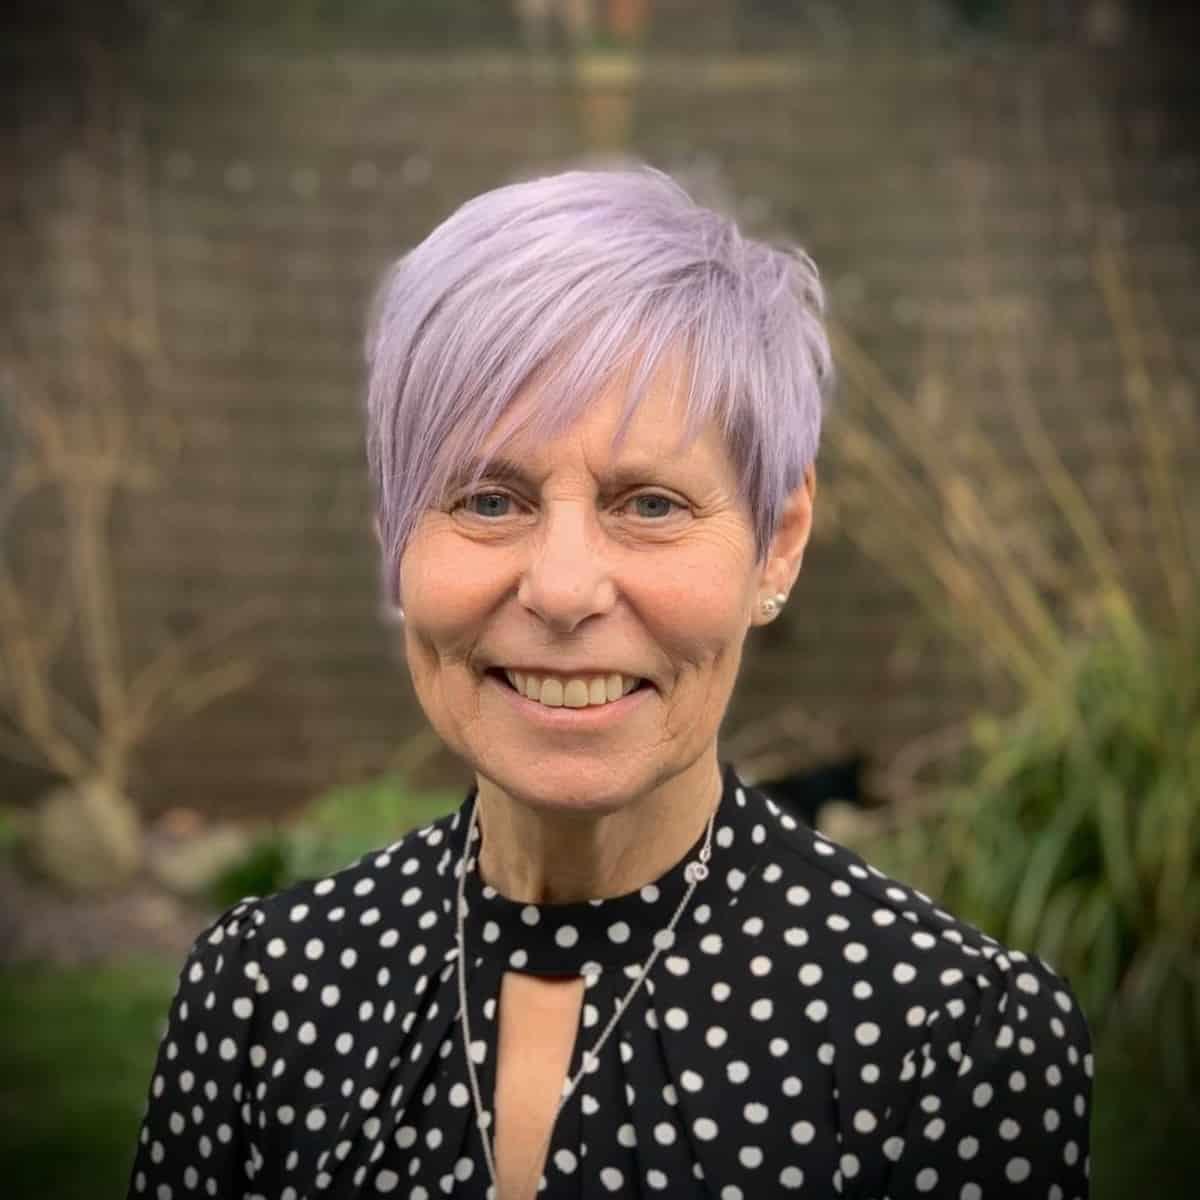 Femme de plus de 60 ans avec une mèche violette et une frange.